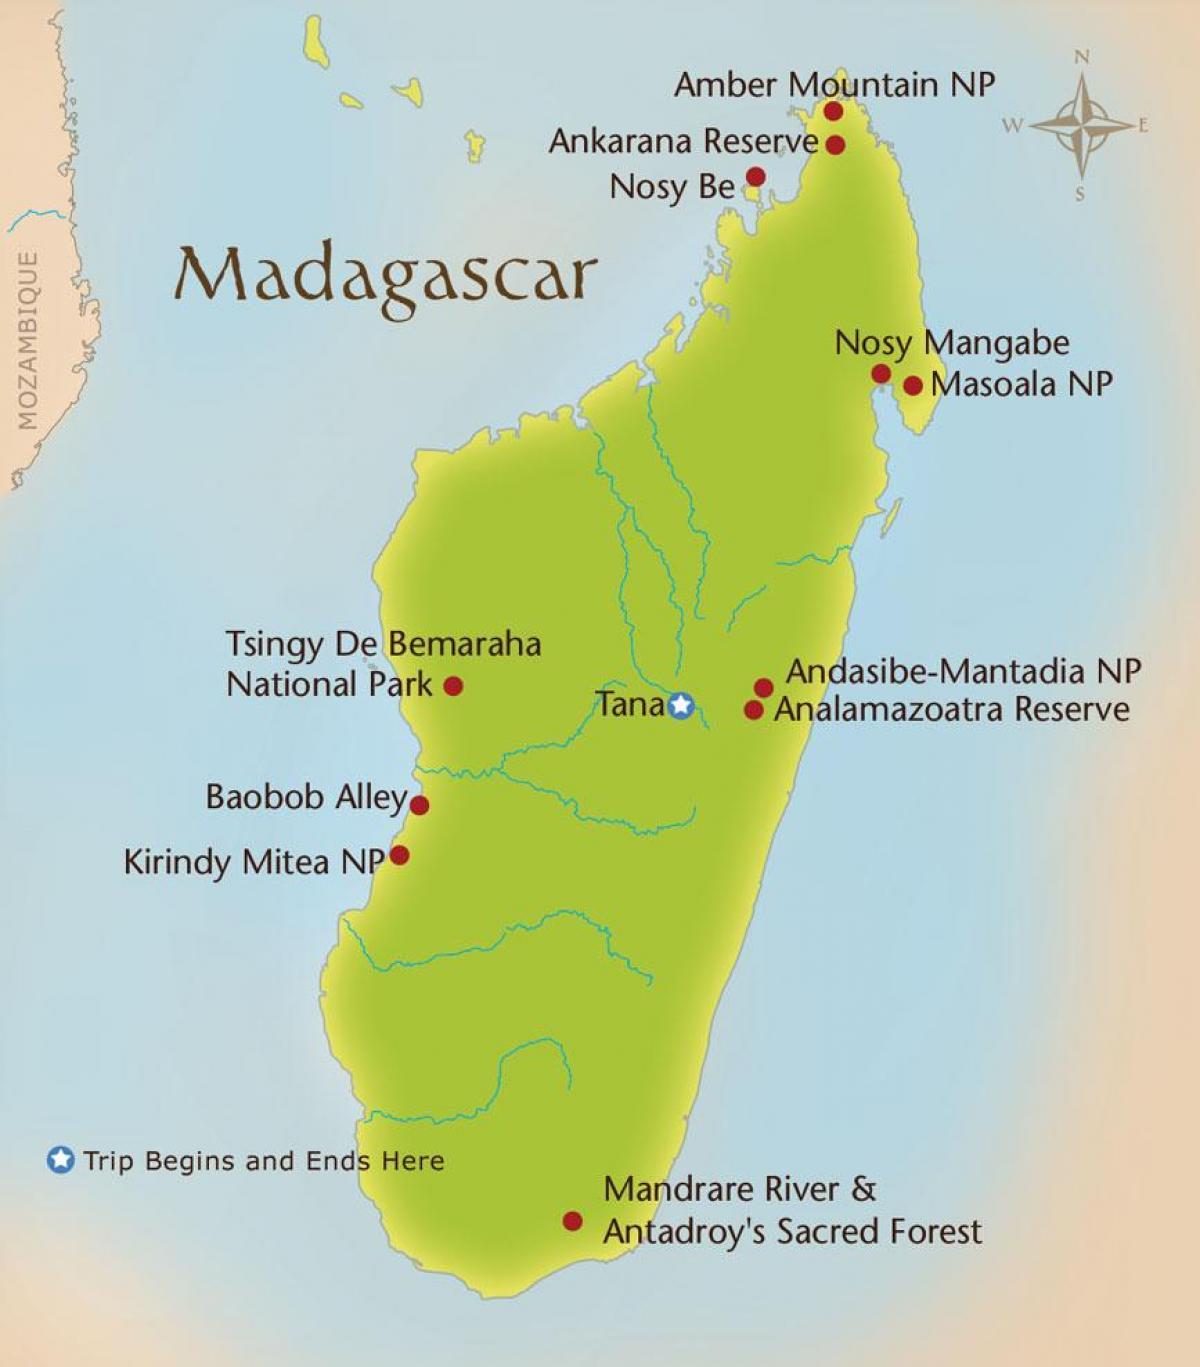 kart over madagaskar Madagaskar fjell kart   Kart over Madagaskar fjell (Øst Afrika  kart over madagaskar